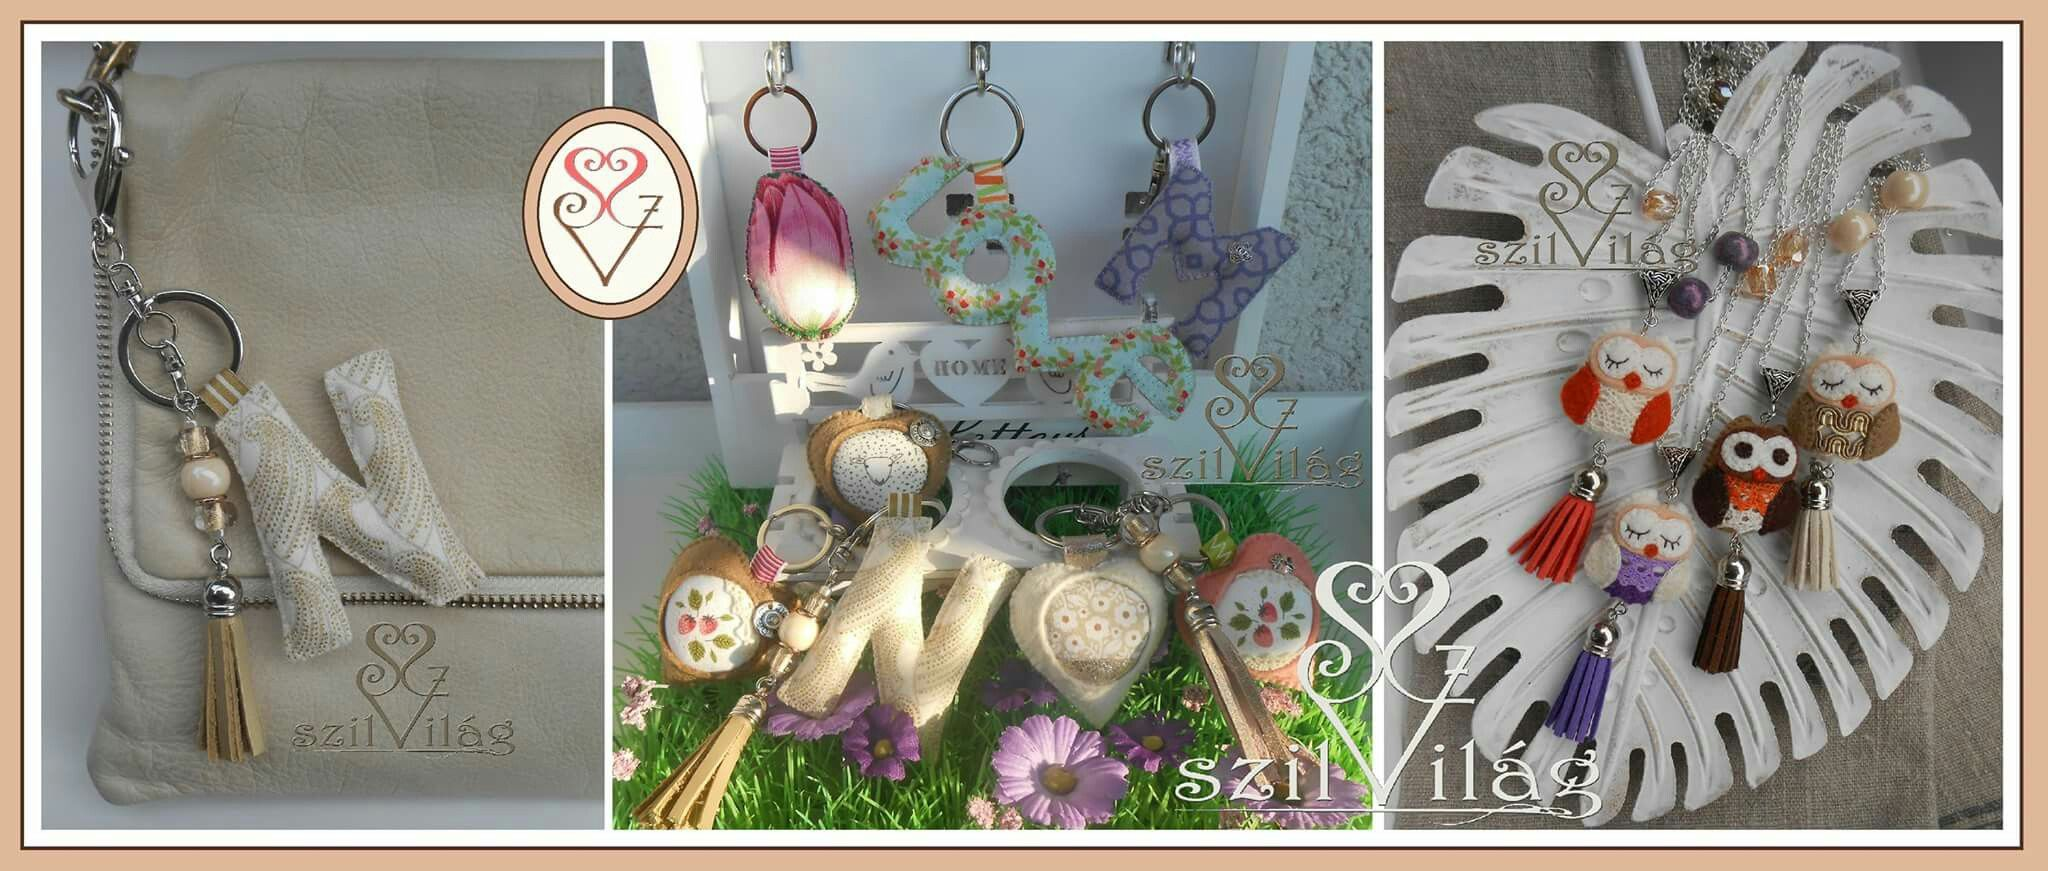 www.facebook.com/szilvilag  Kézzel varrt gyapjúfilc kulcstartó-táskadíszek #handmade #bagdecor , #keyholder #szilvilág #kulcstartó #táskadísz #baggy #jewel #owl #owljewelrynecklace